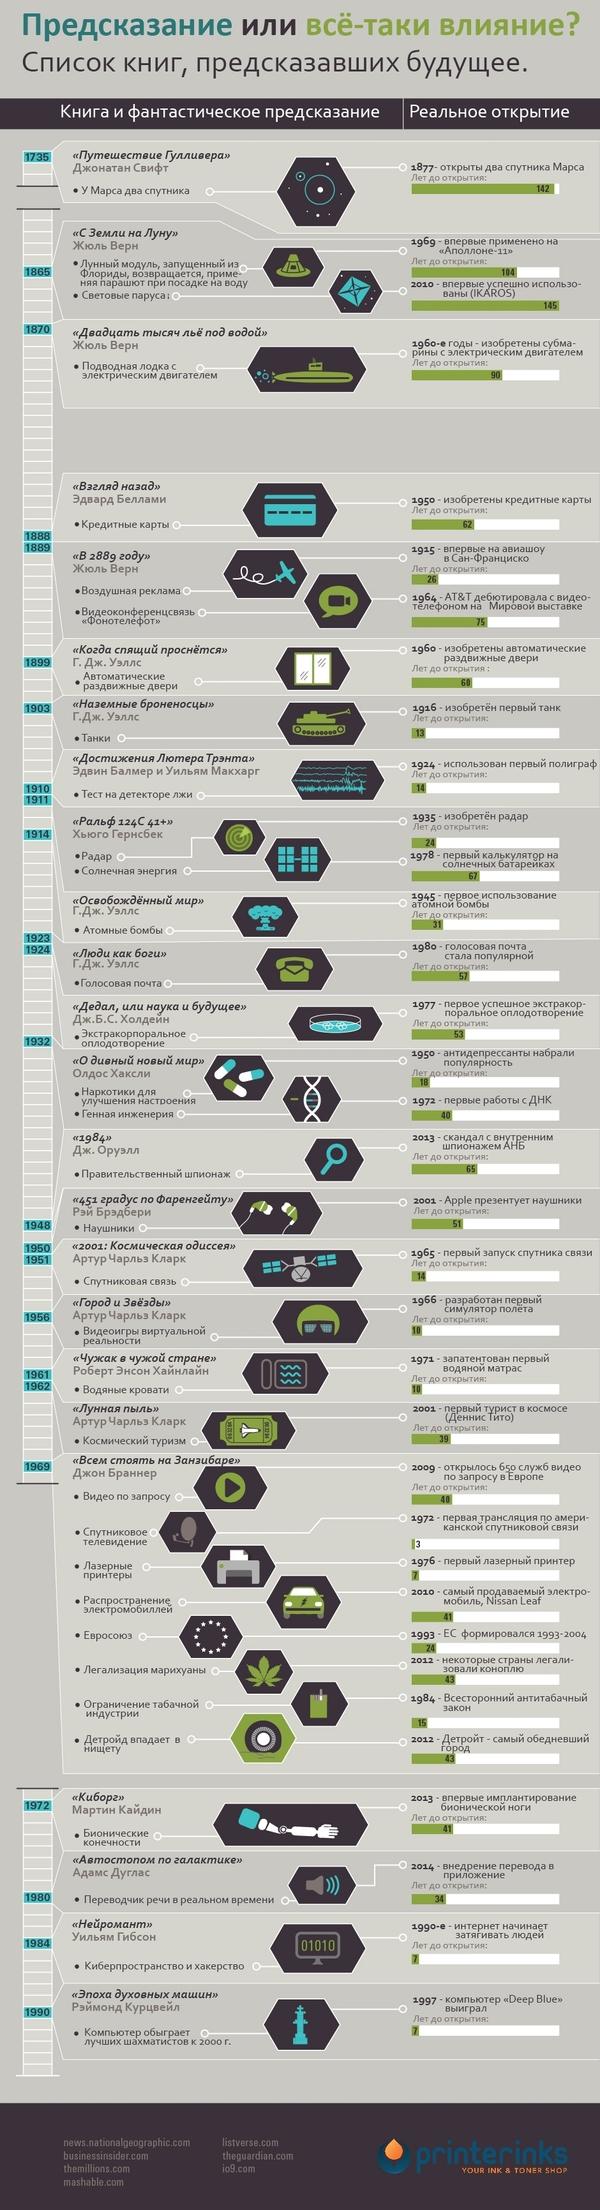 Как научная фантастика каждый раз становилась научным фактом Фантастика, Литература, Инфографика, Предсказание, Длиннопост